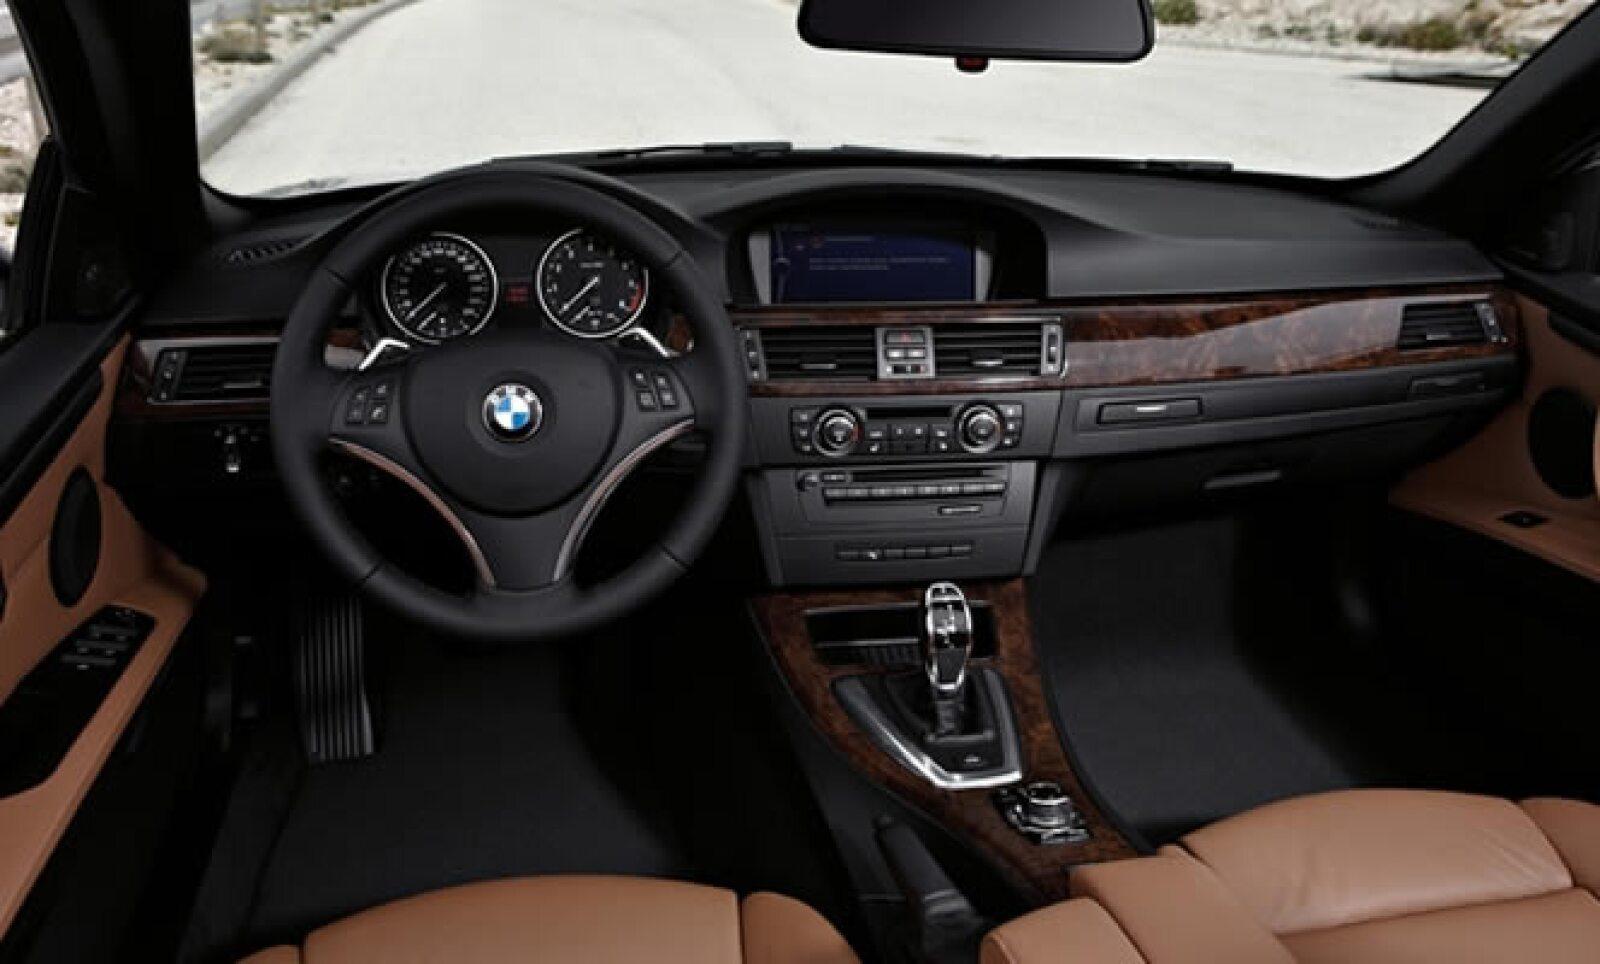 El modelo BMW 318i posee un motor de gasolina de cuatro cilindros, de 143 caballos de fuerza (105 kW).